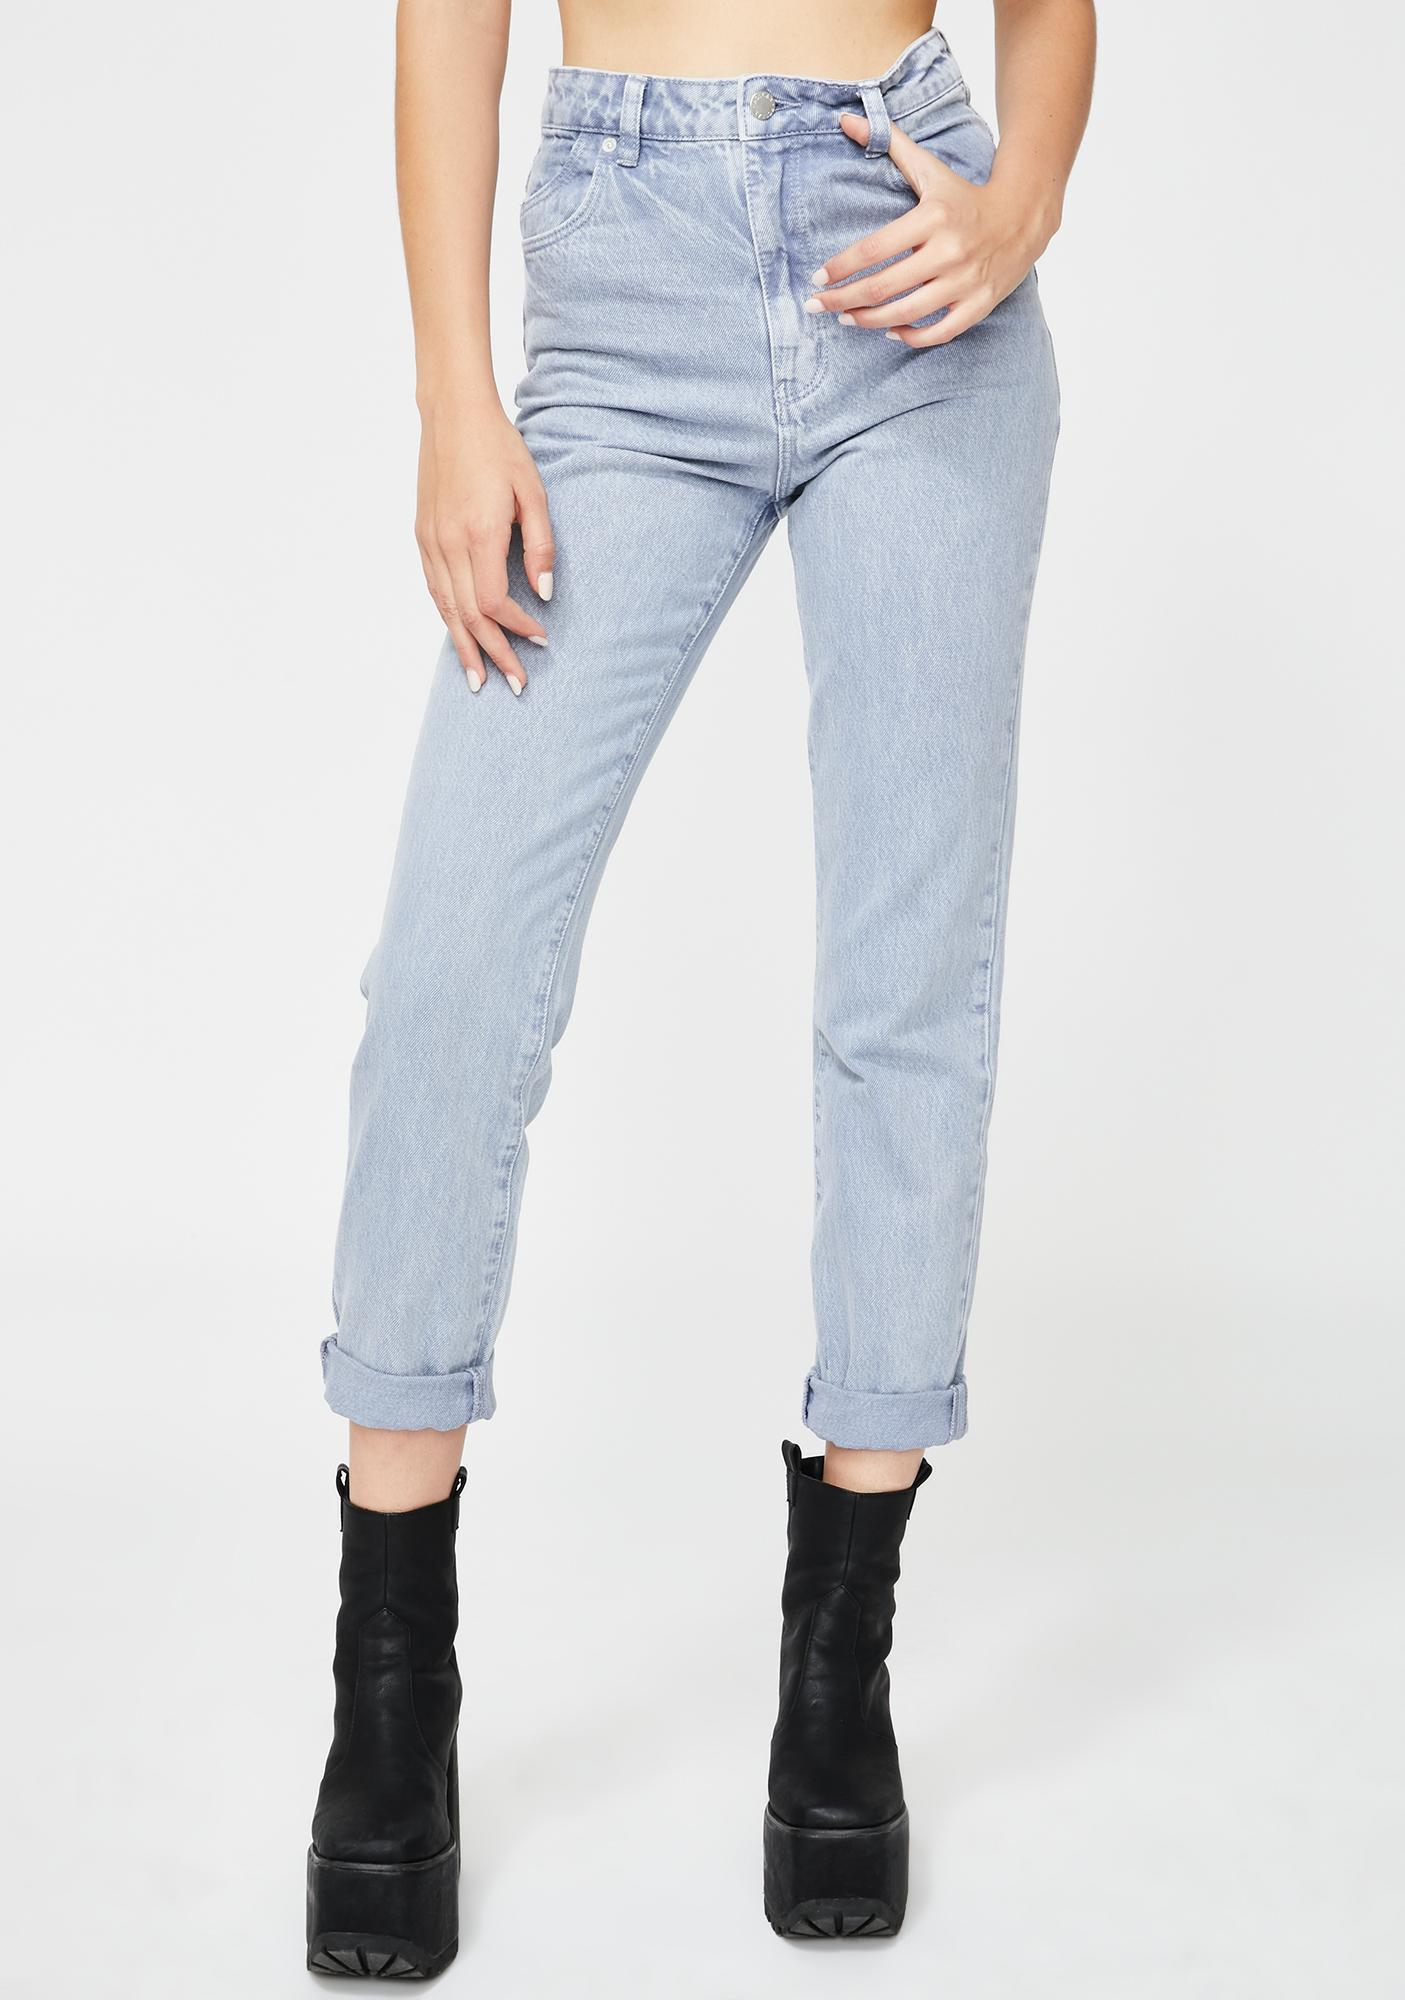 Rollas Heather Dusters Denim Jeans